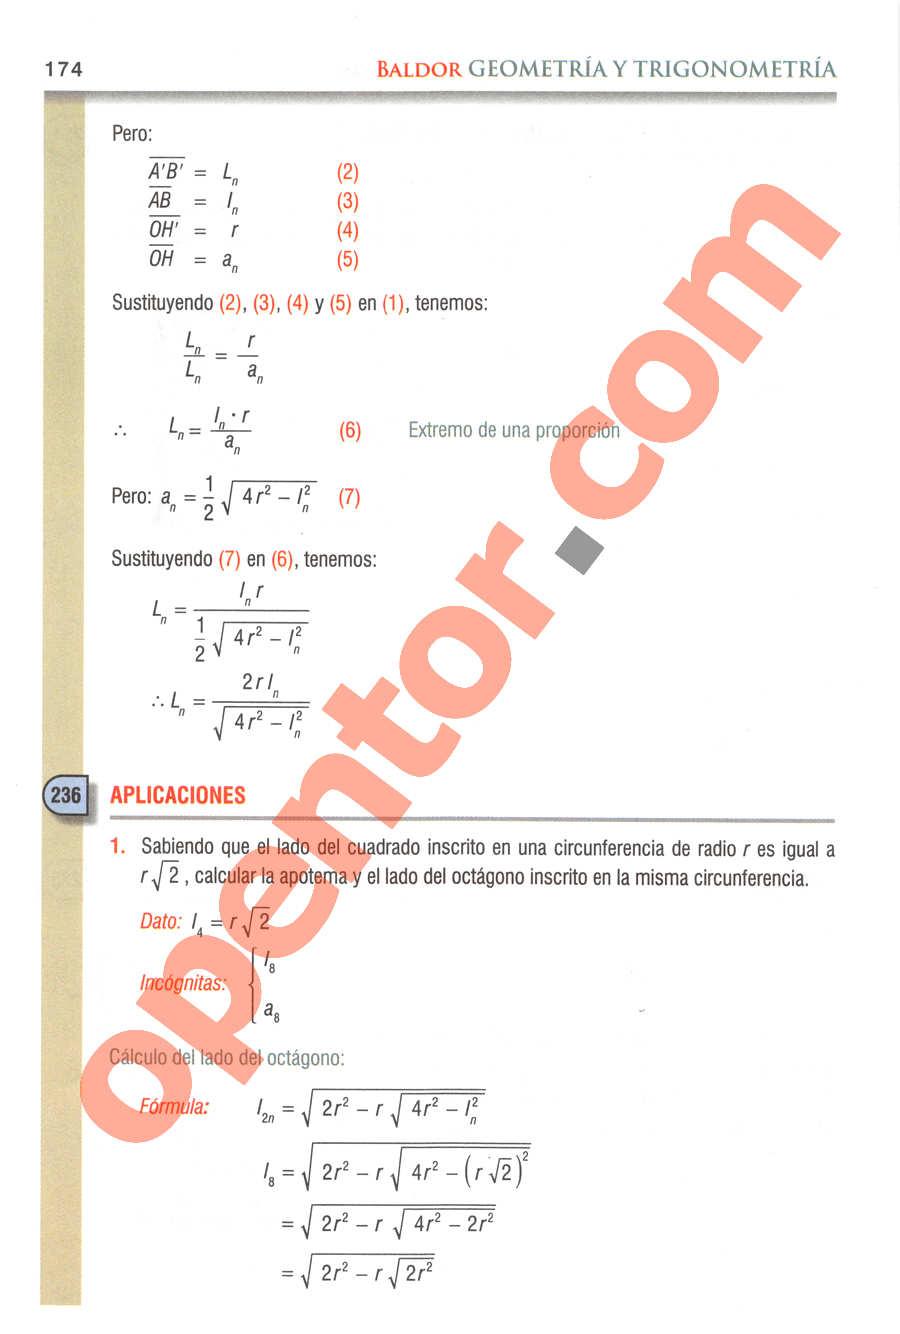 Geometría y Trigonometría de Baldor - Página 174